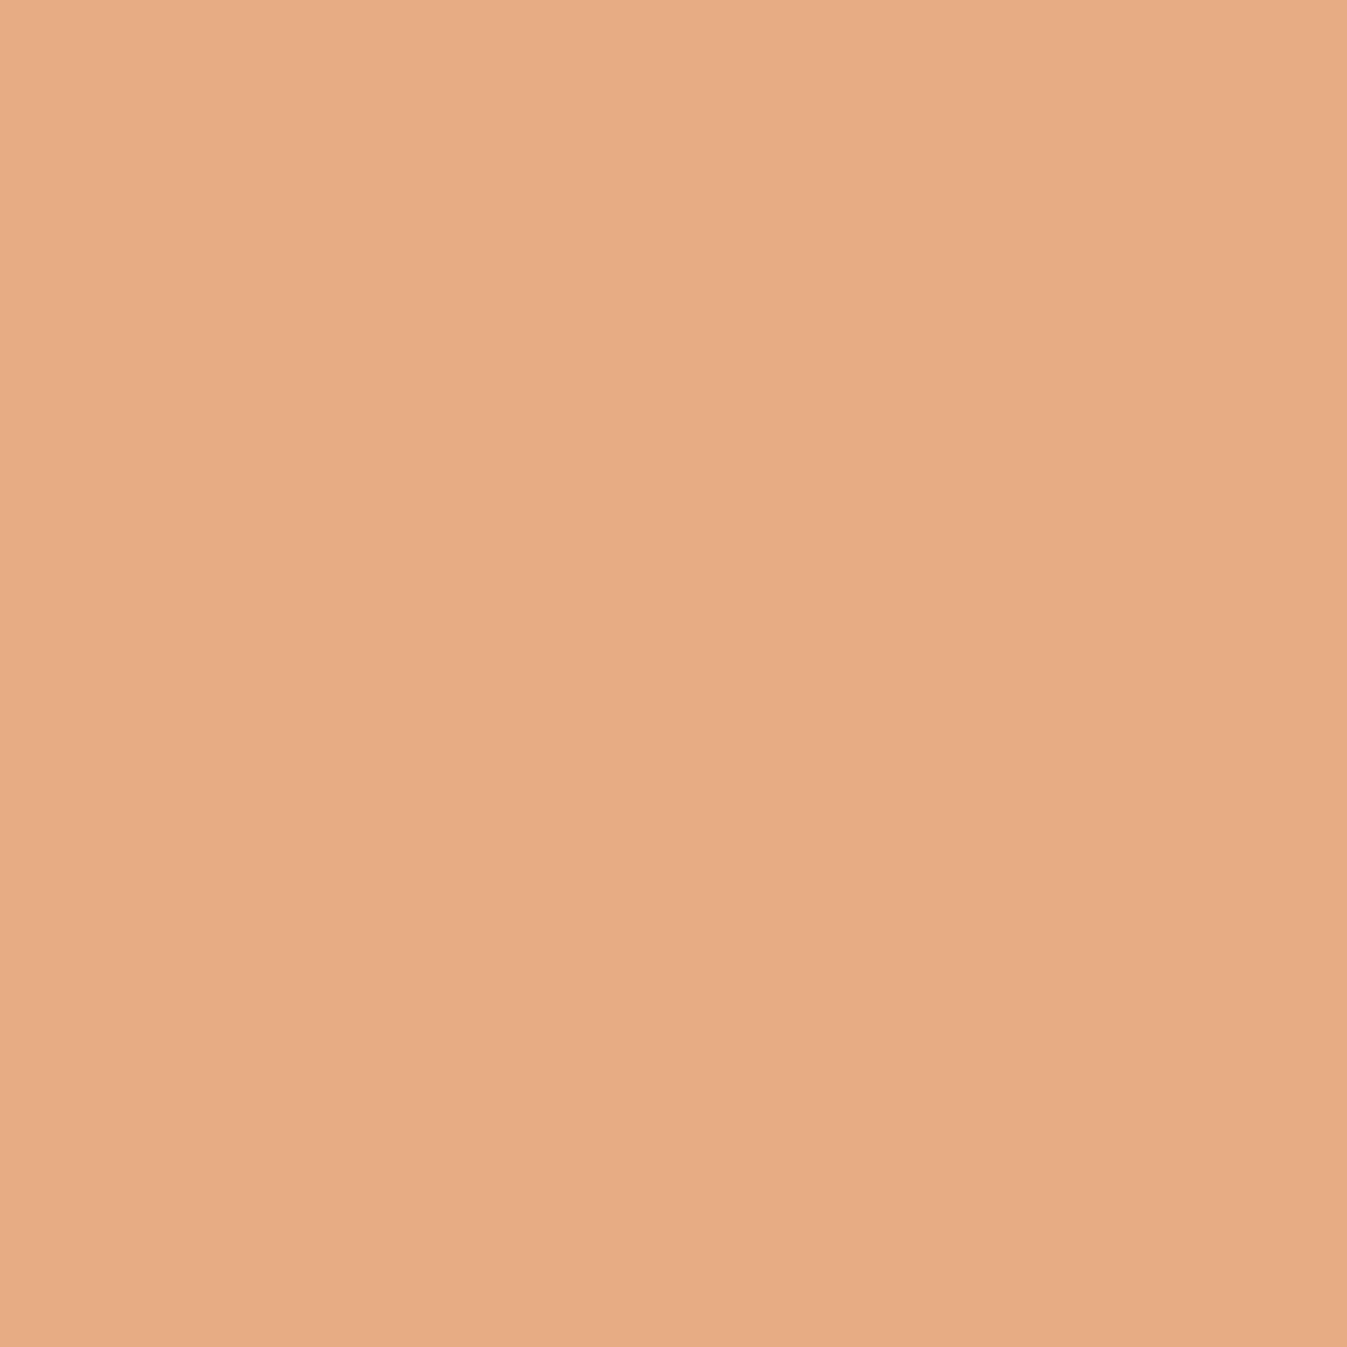 さびた冊子くしゃくしゃSANMIMORE(サンミモレ化粧品) UVパクト 56号ライトピンク (レフィル 替パフ付)